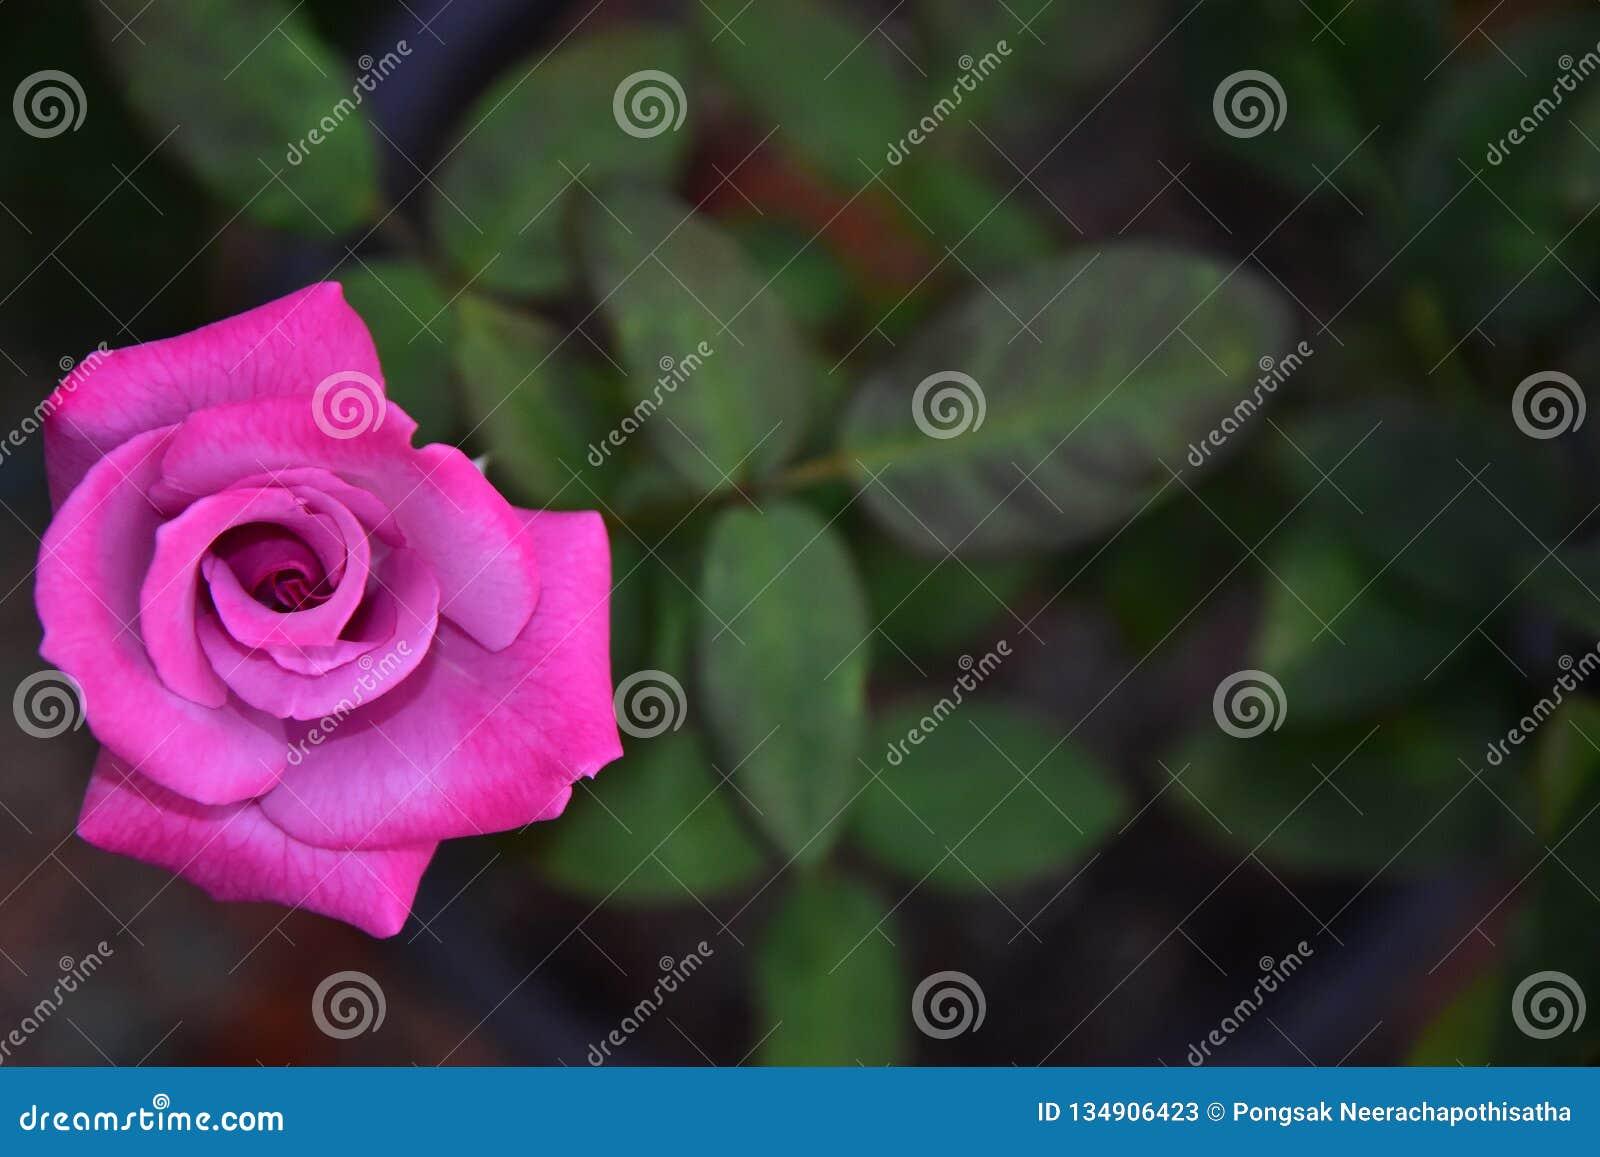 Rosa de florescência bonito Rose Flower com fundo do borrão